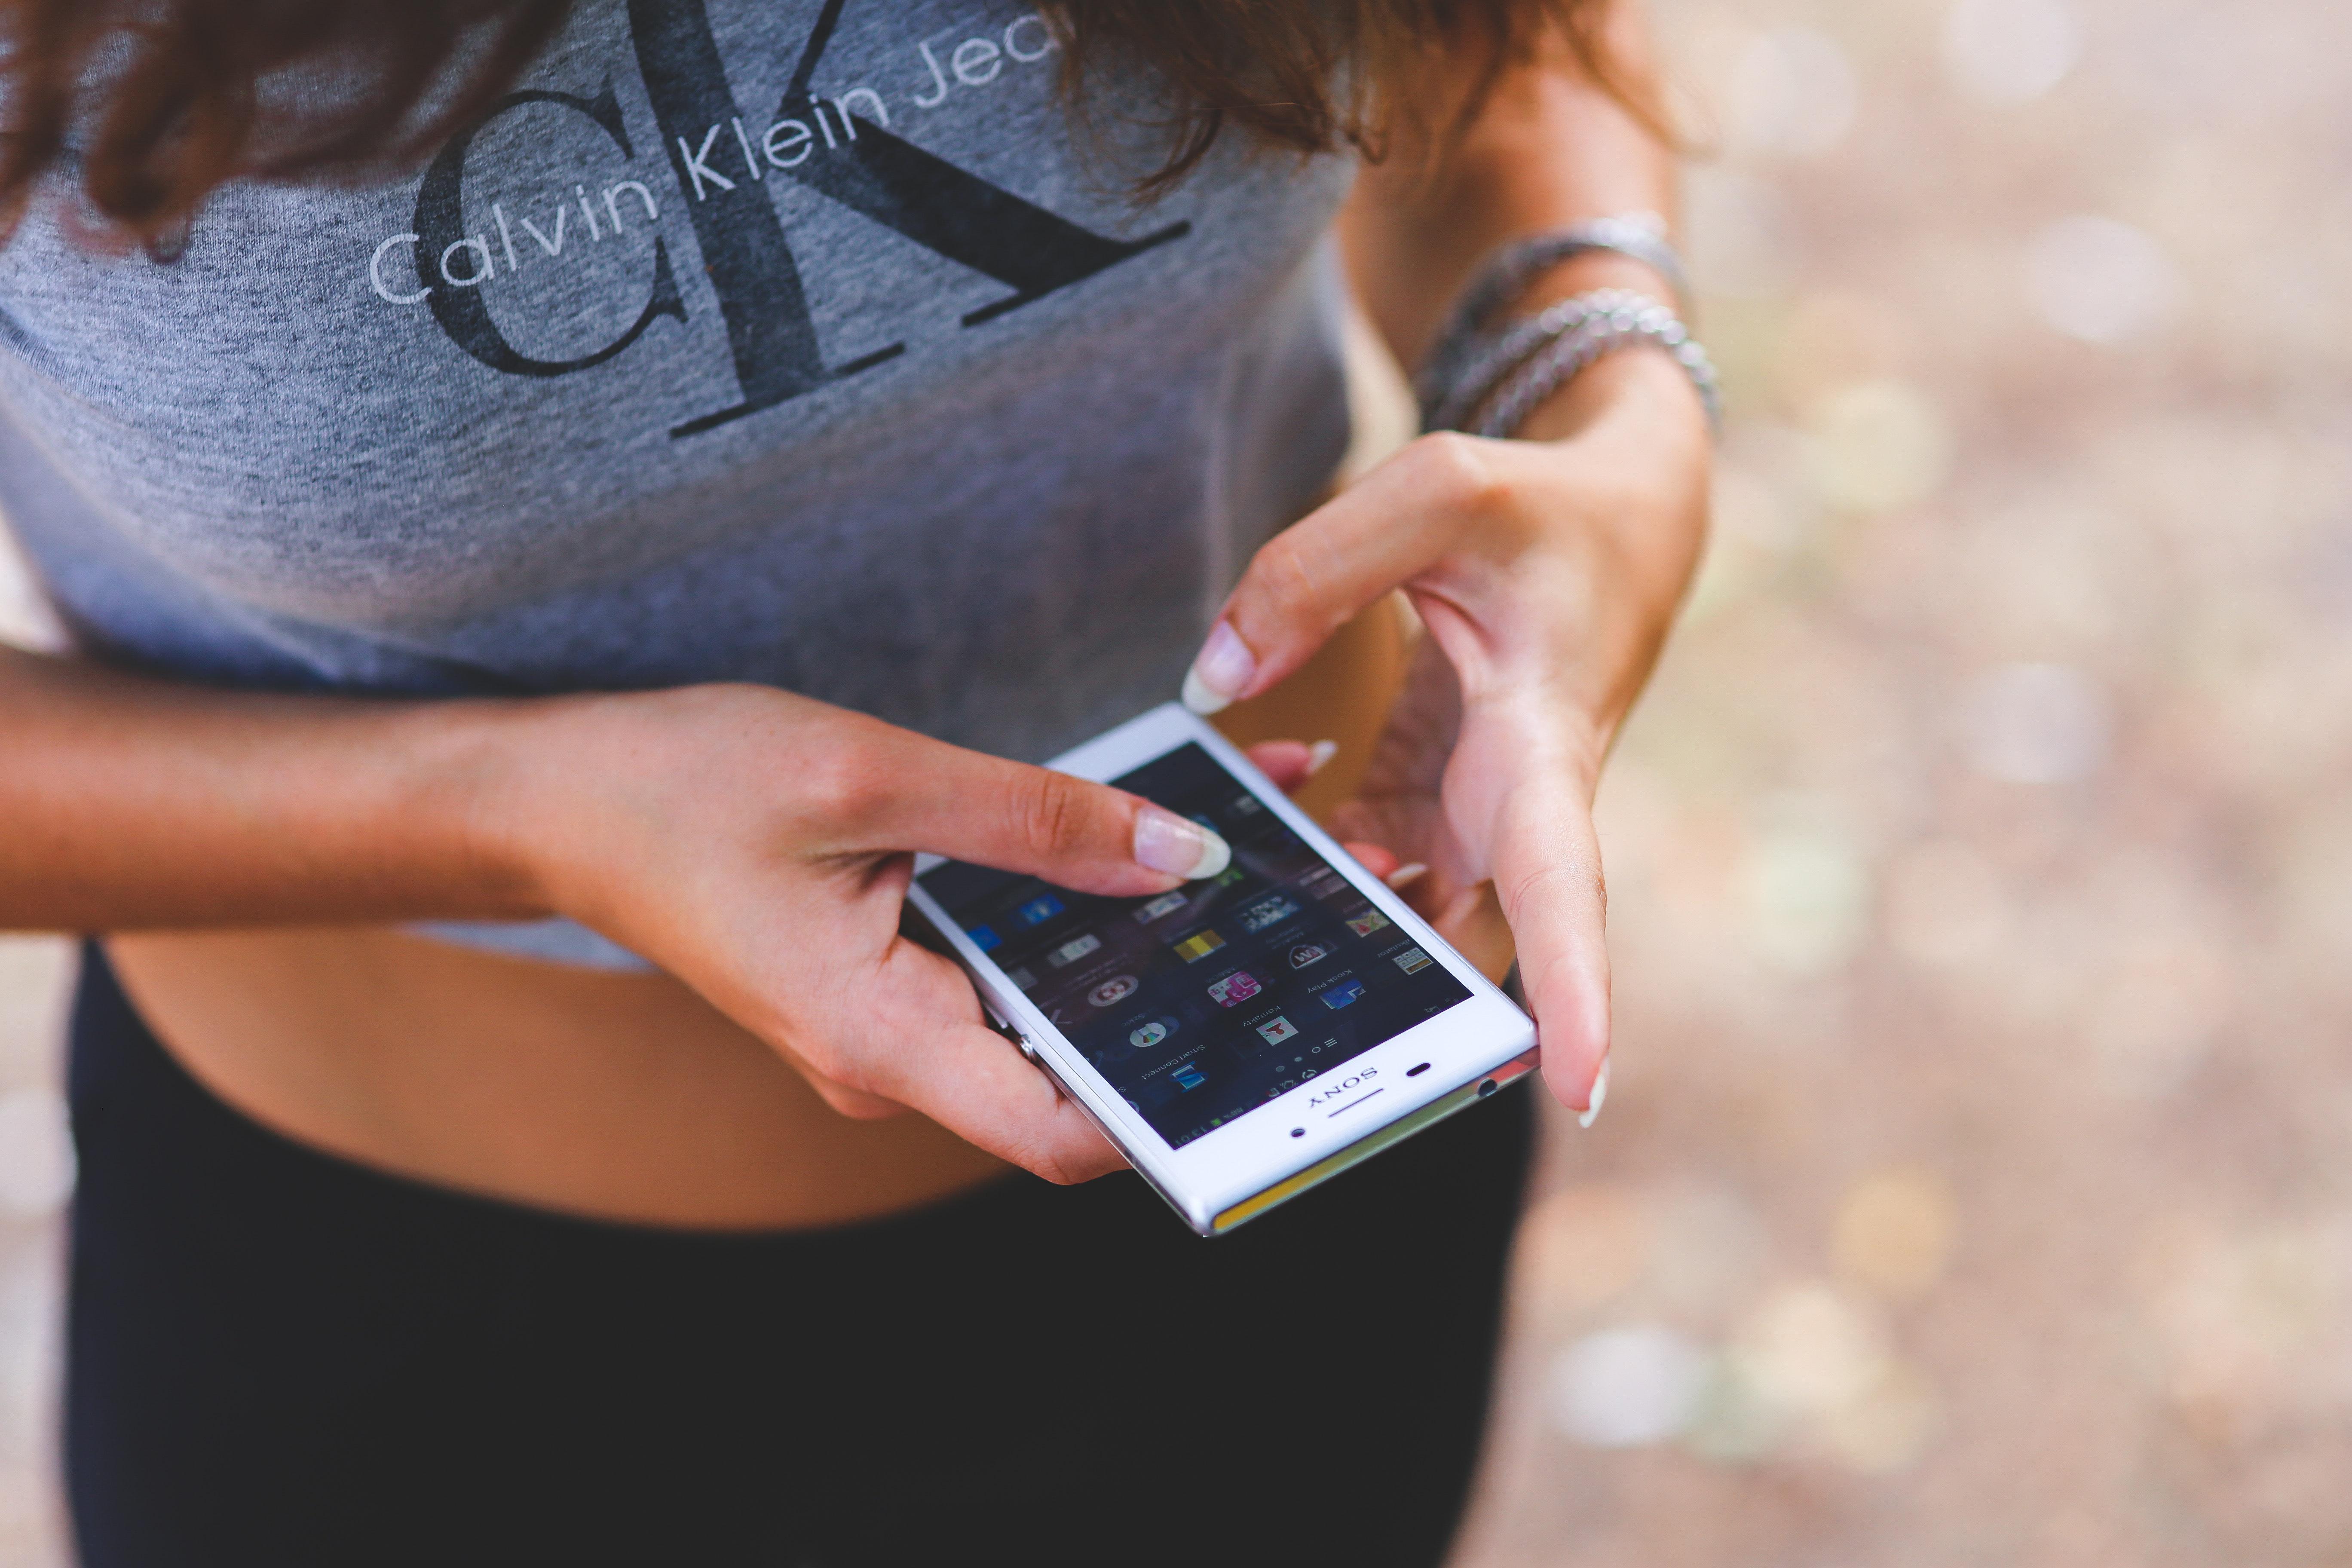 Smartphone in girl's hands photo